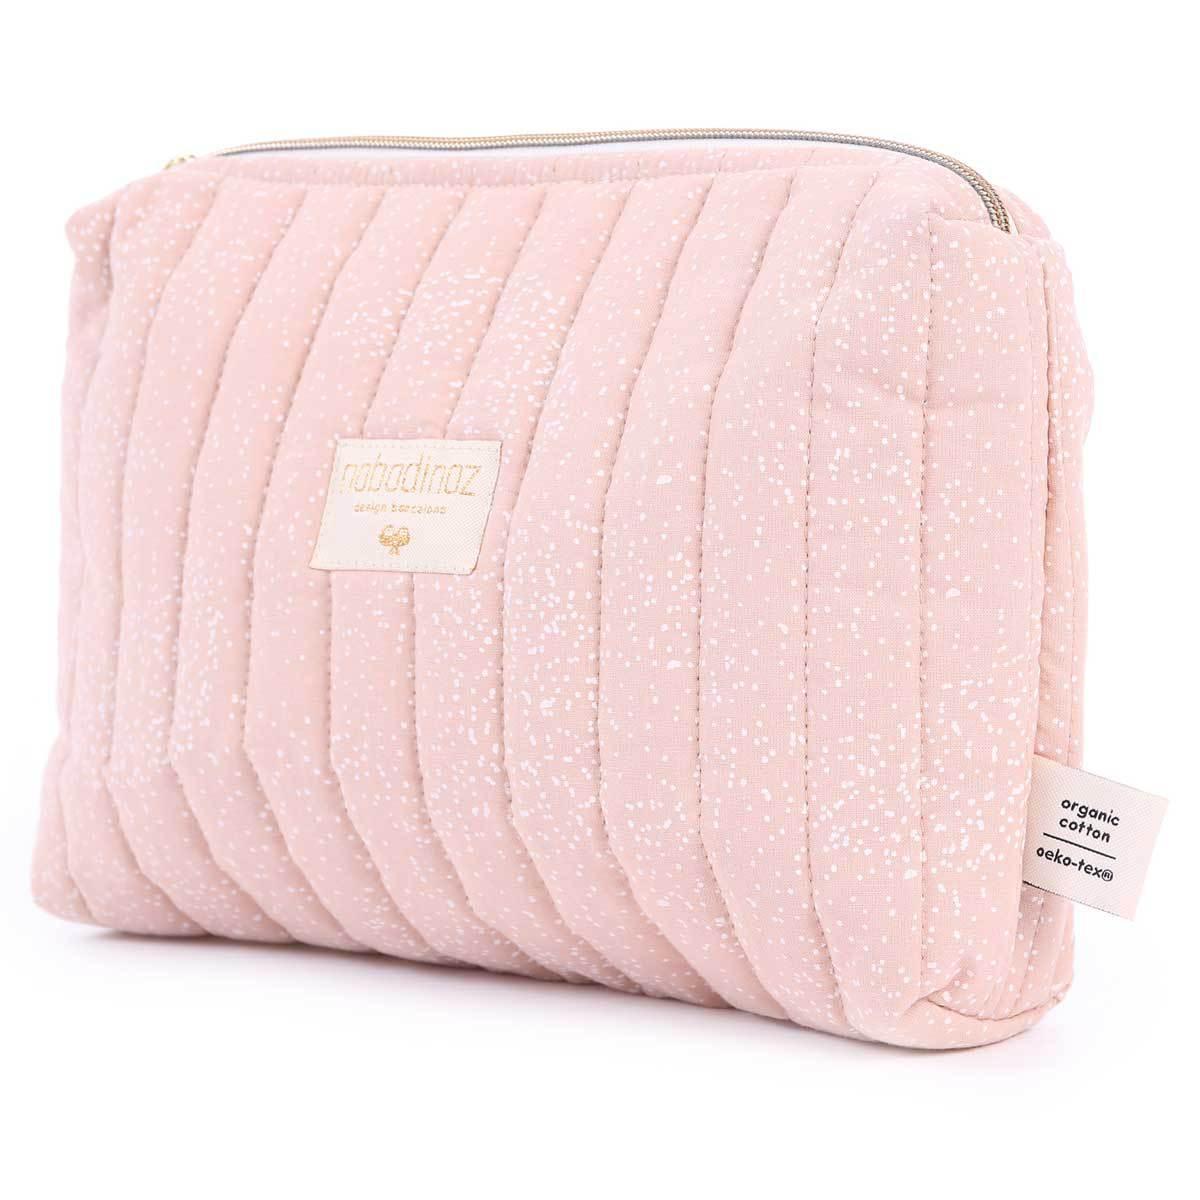 Trousse Trousse de Toilette Travel - White Bubble & Misty Pink Trousse de Toilette Travel - White Bubble & Misty Pink